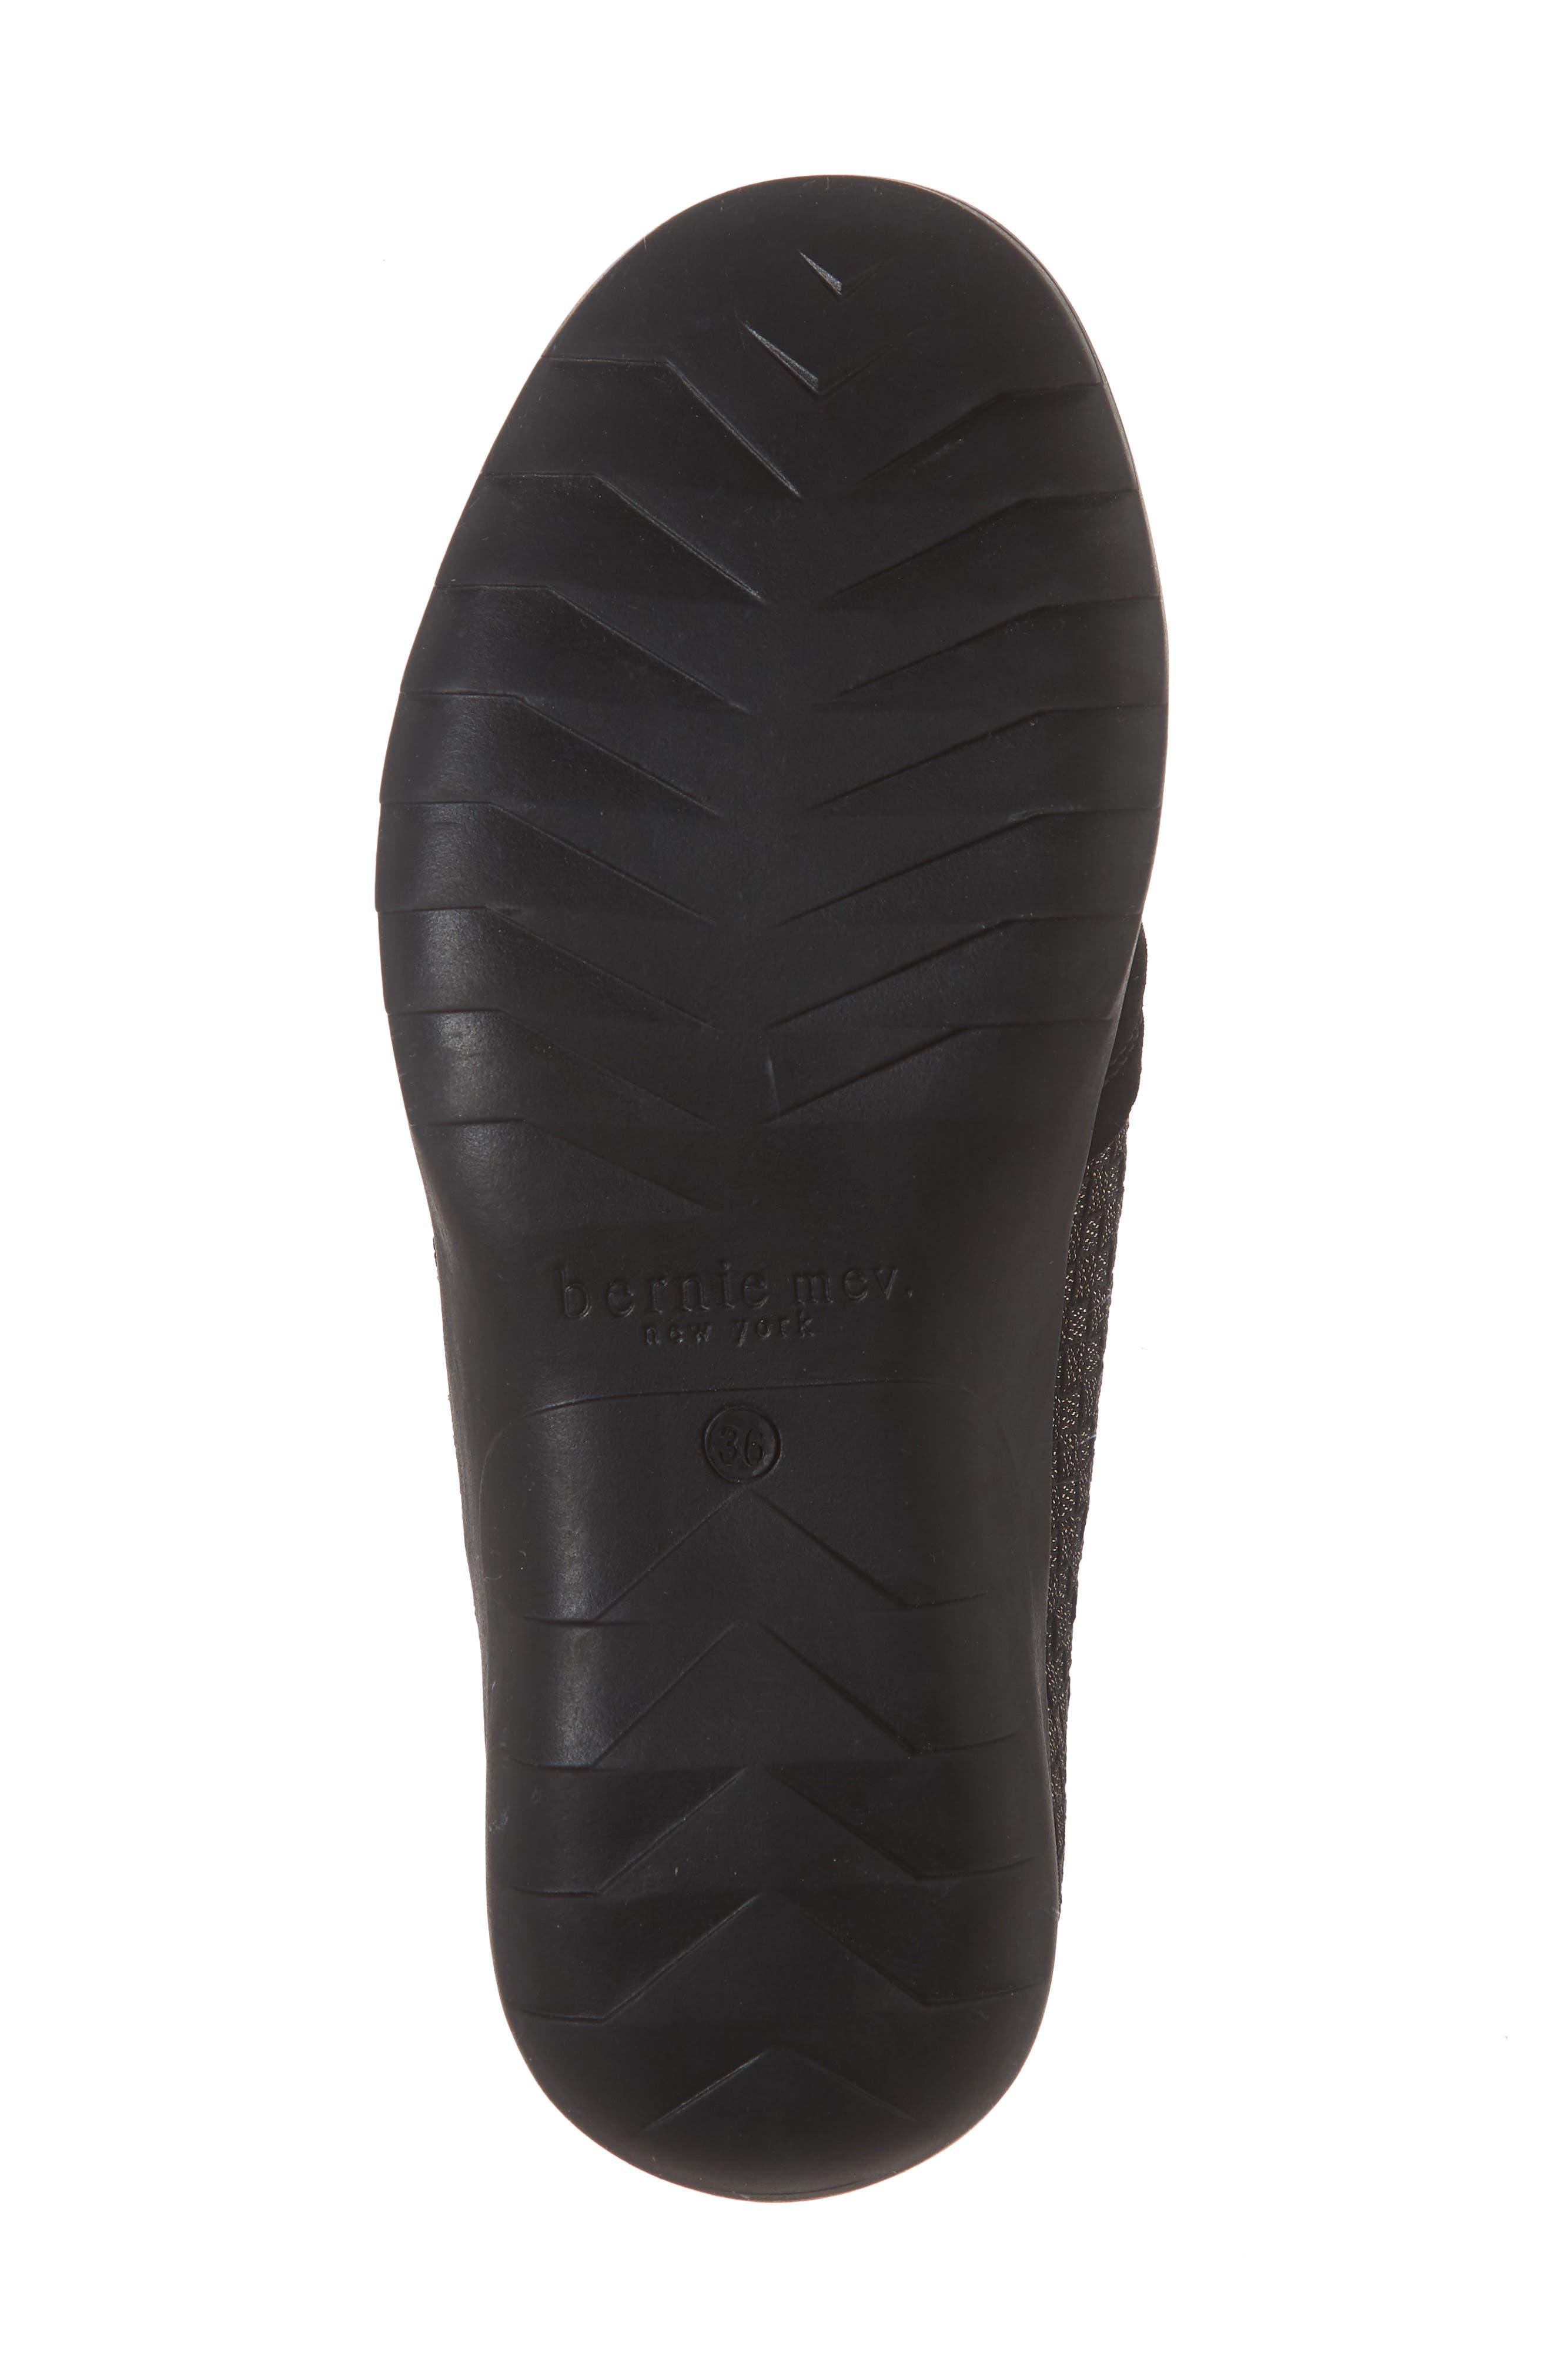 Swift Slip-On Sneaker,                             Alternate thumbnail 3, color,                             Gold Black Shimmer Leather